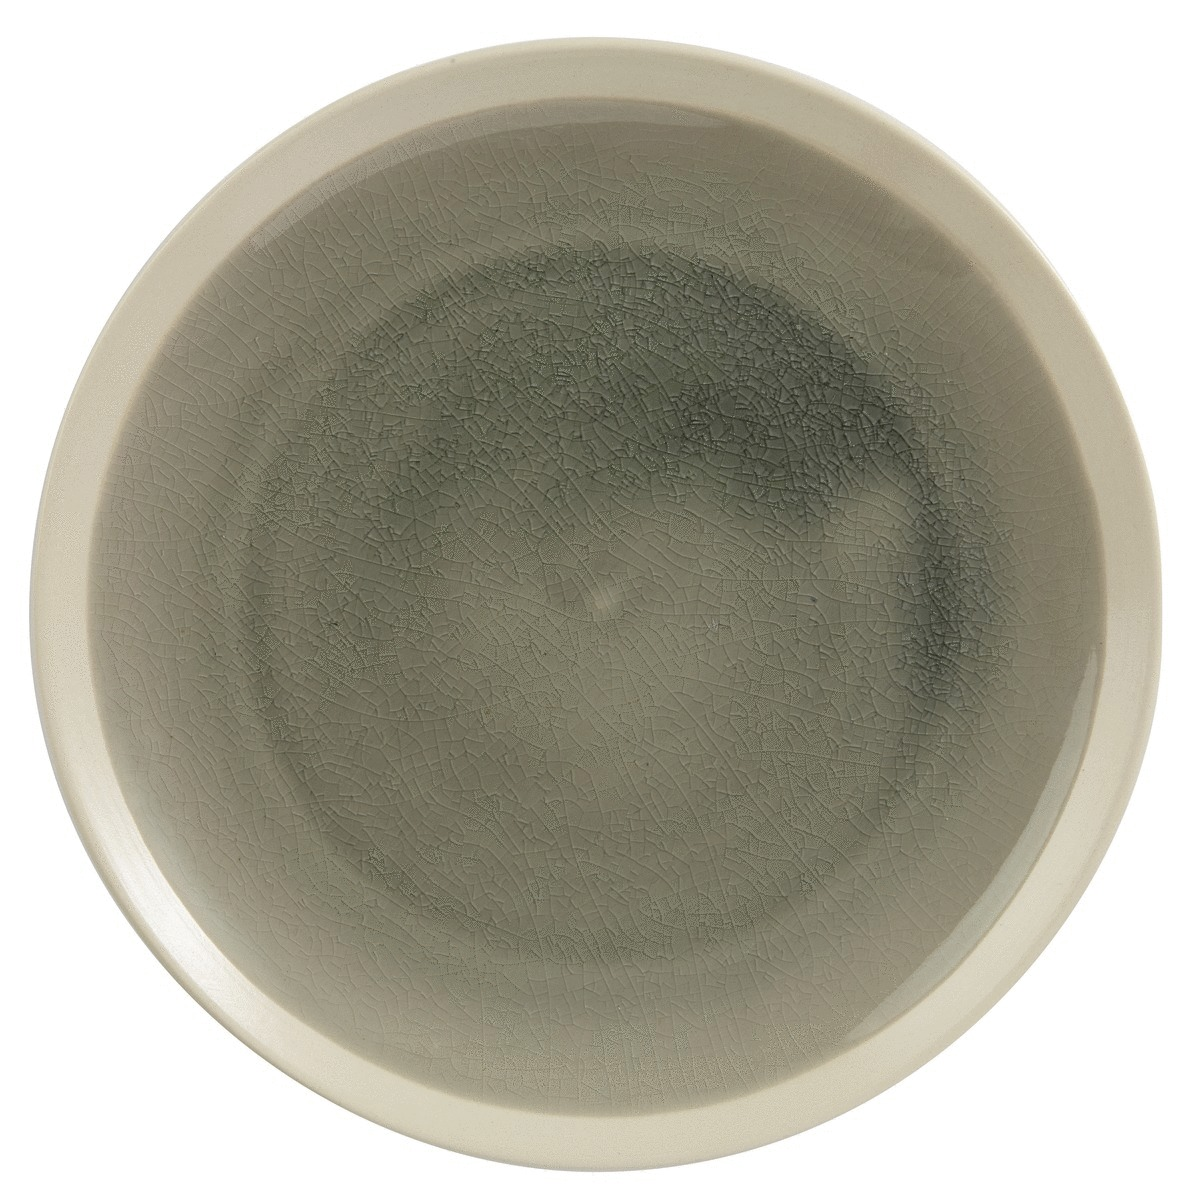 Assiette plate ronde gris grès Ø 25,50 cm Winter Pro.mundi